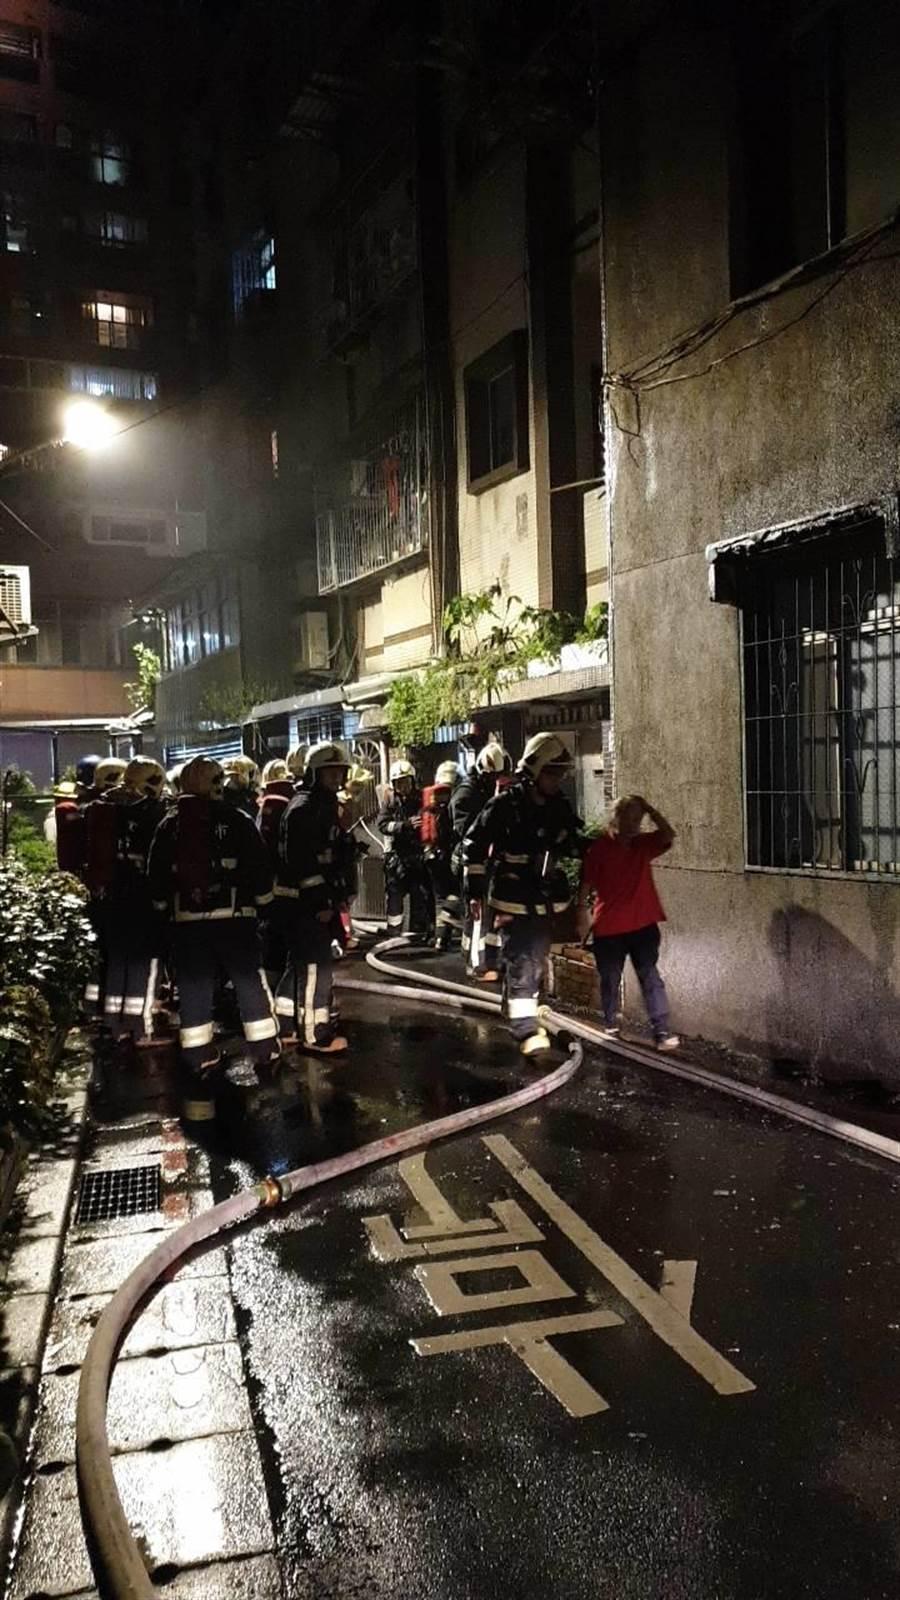 新北市中和區景安路222巷內某公寓3樓,18日晚間10時許突然傳出火警,2名女子命危送醫。(翻攝照片/王揚傑新北傳真)